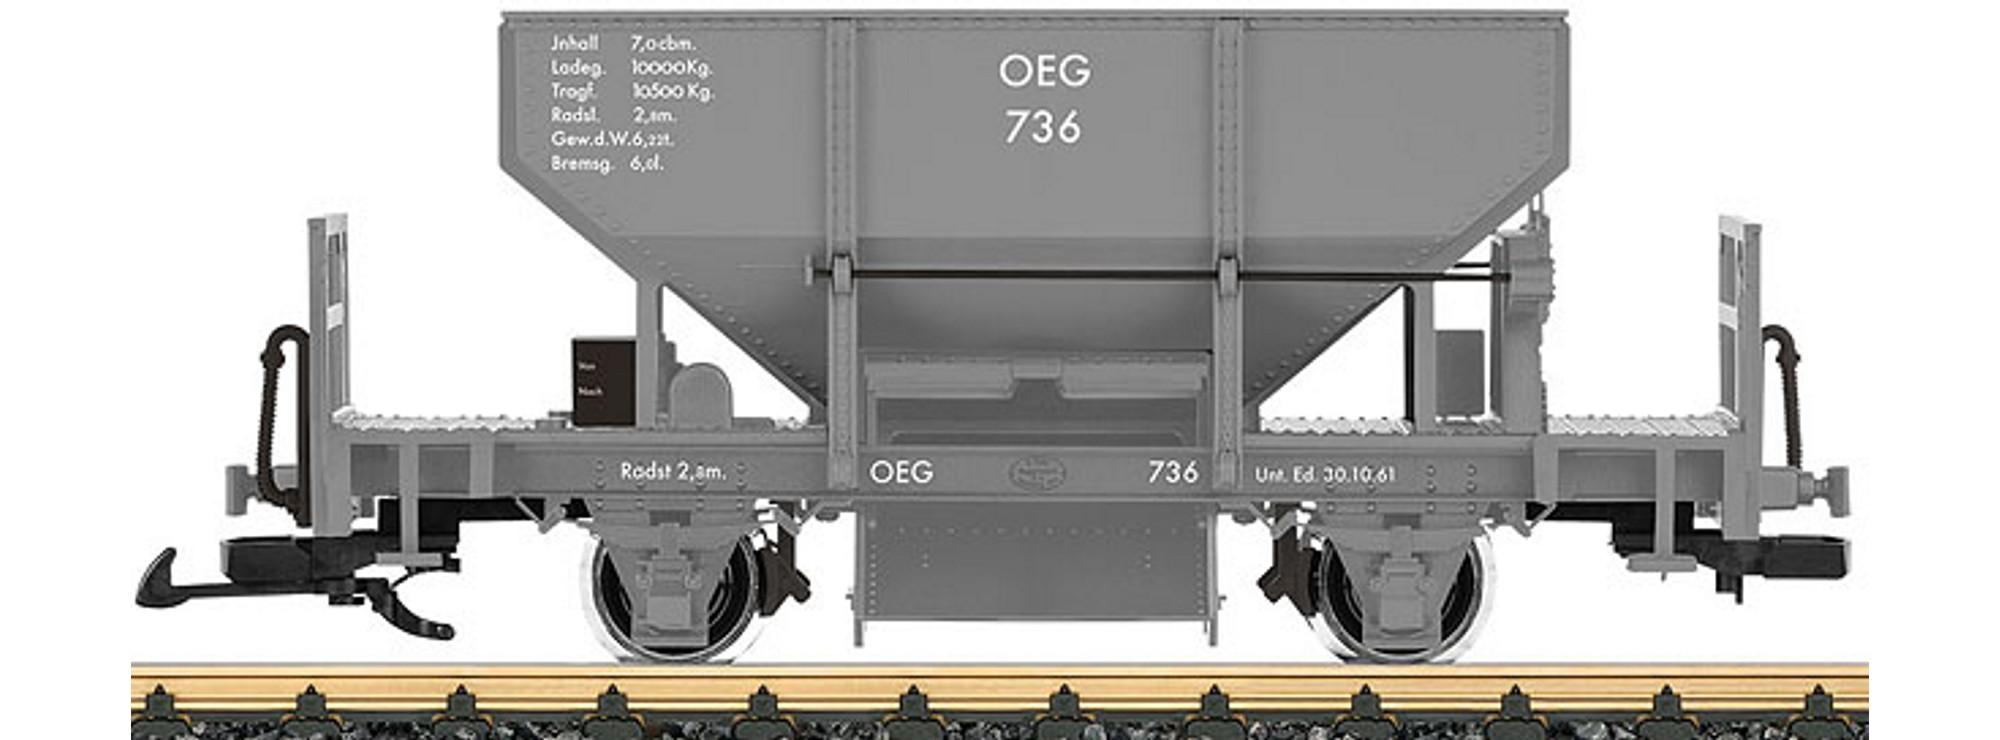 LGB 43411 OEG Schotterwagen Spur G